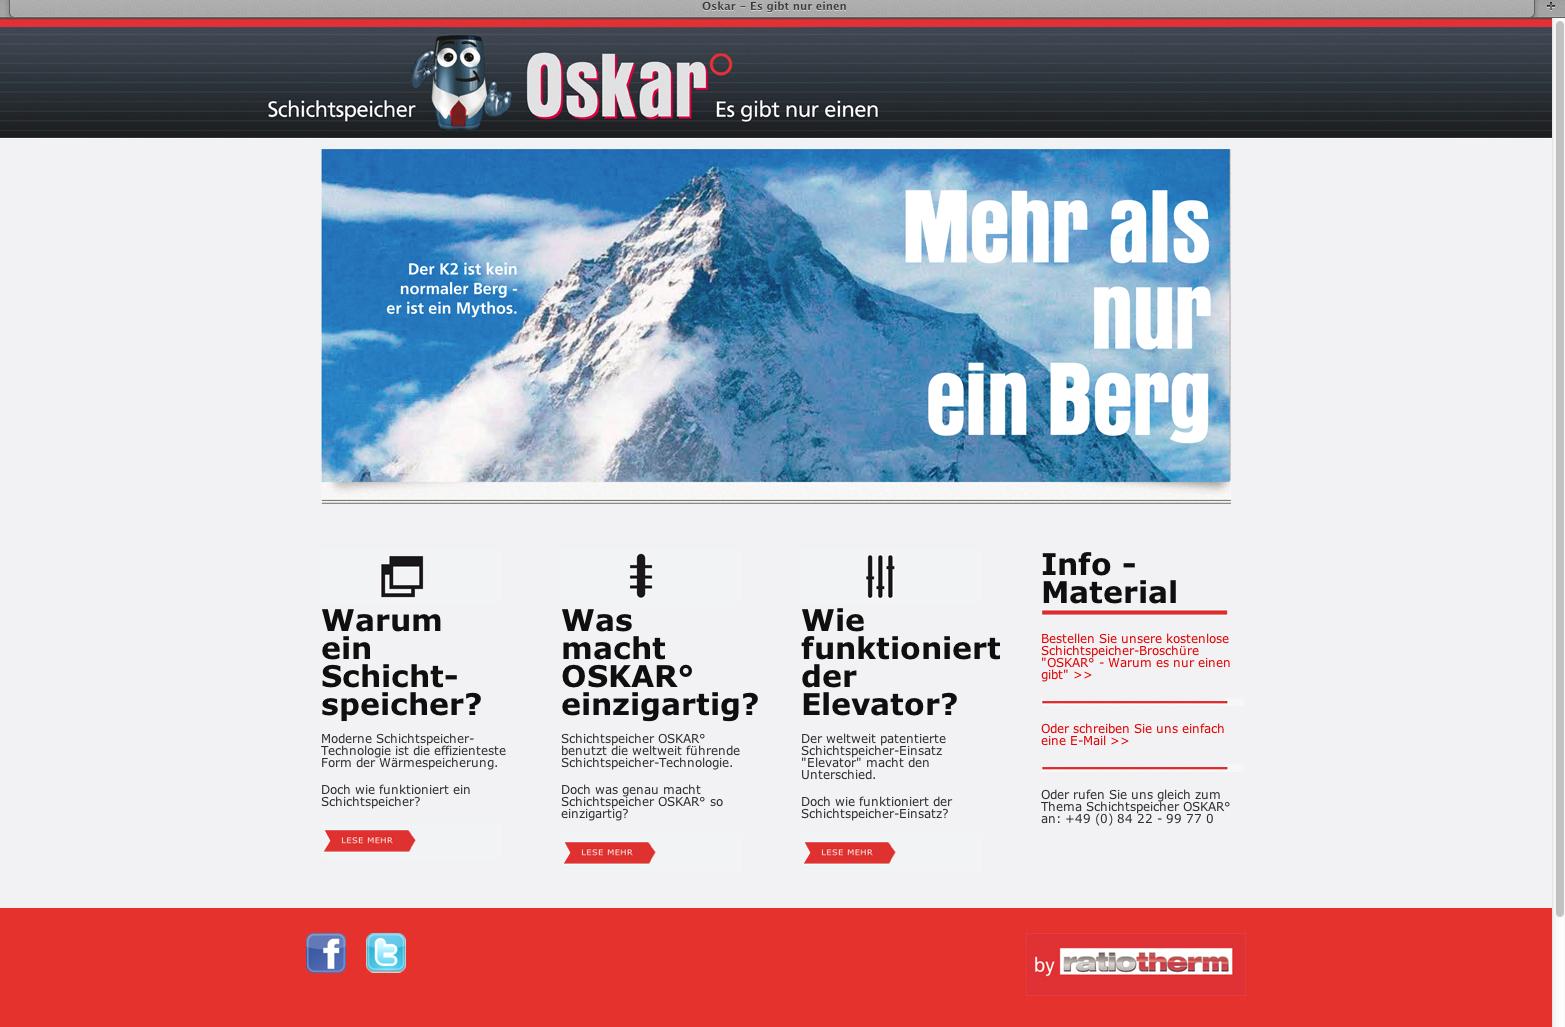 OSKAR_Es gibt nur einen_Schichtspeicher Einsatz